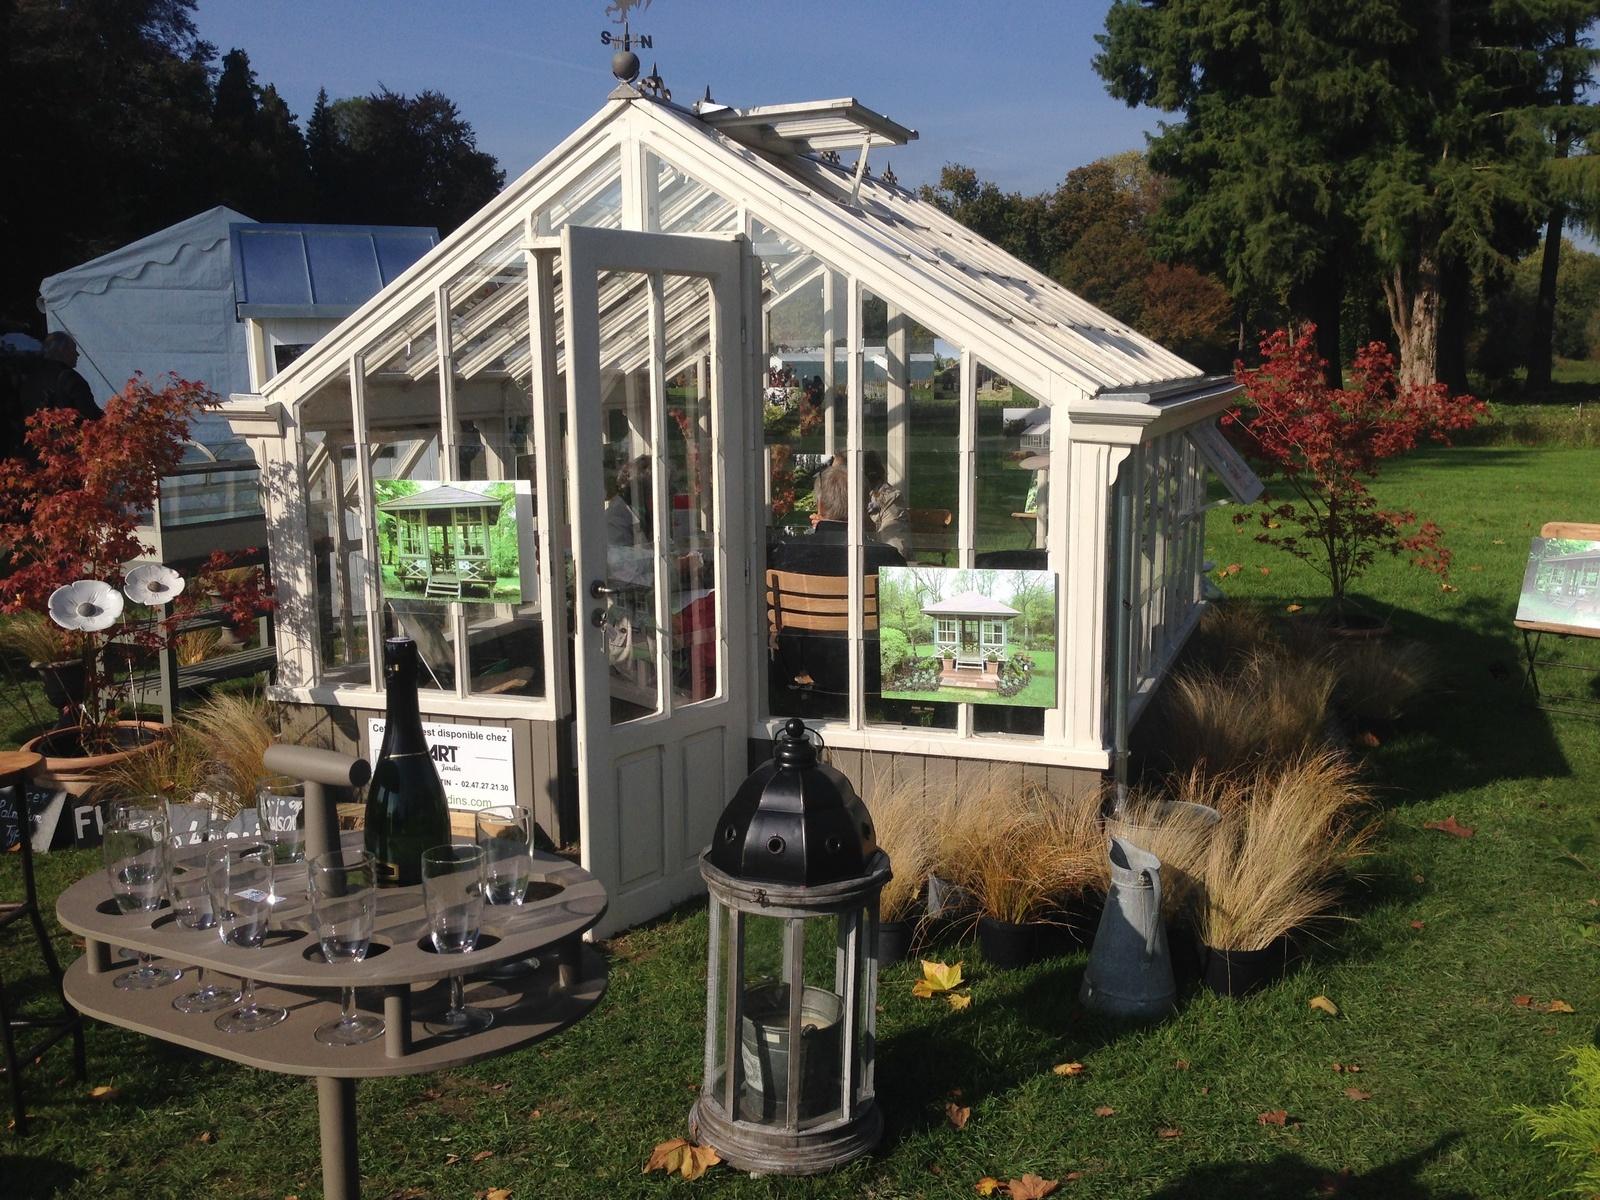 Une Serre Pour Les Semis Du Seeds Of Love - Jardins Merveilleux avec Serre De Jardin Occasion